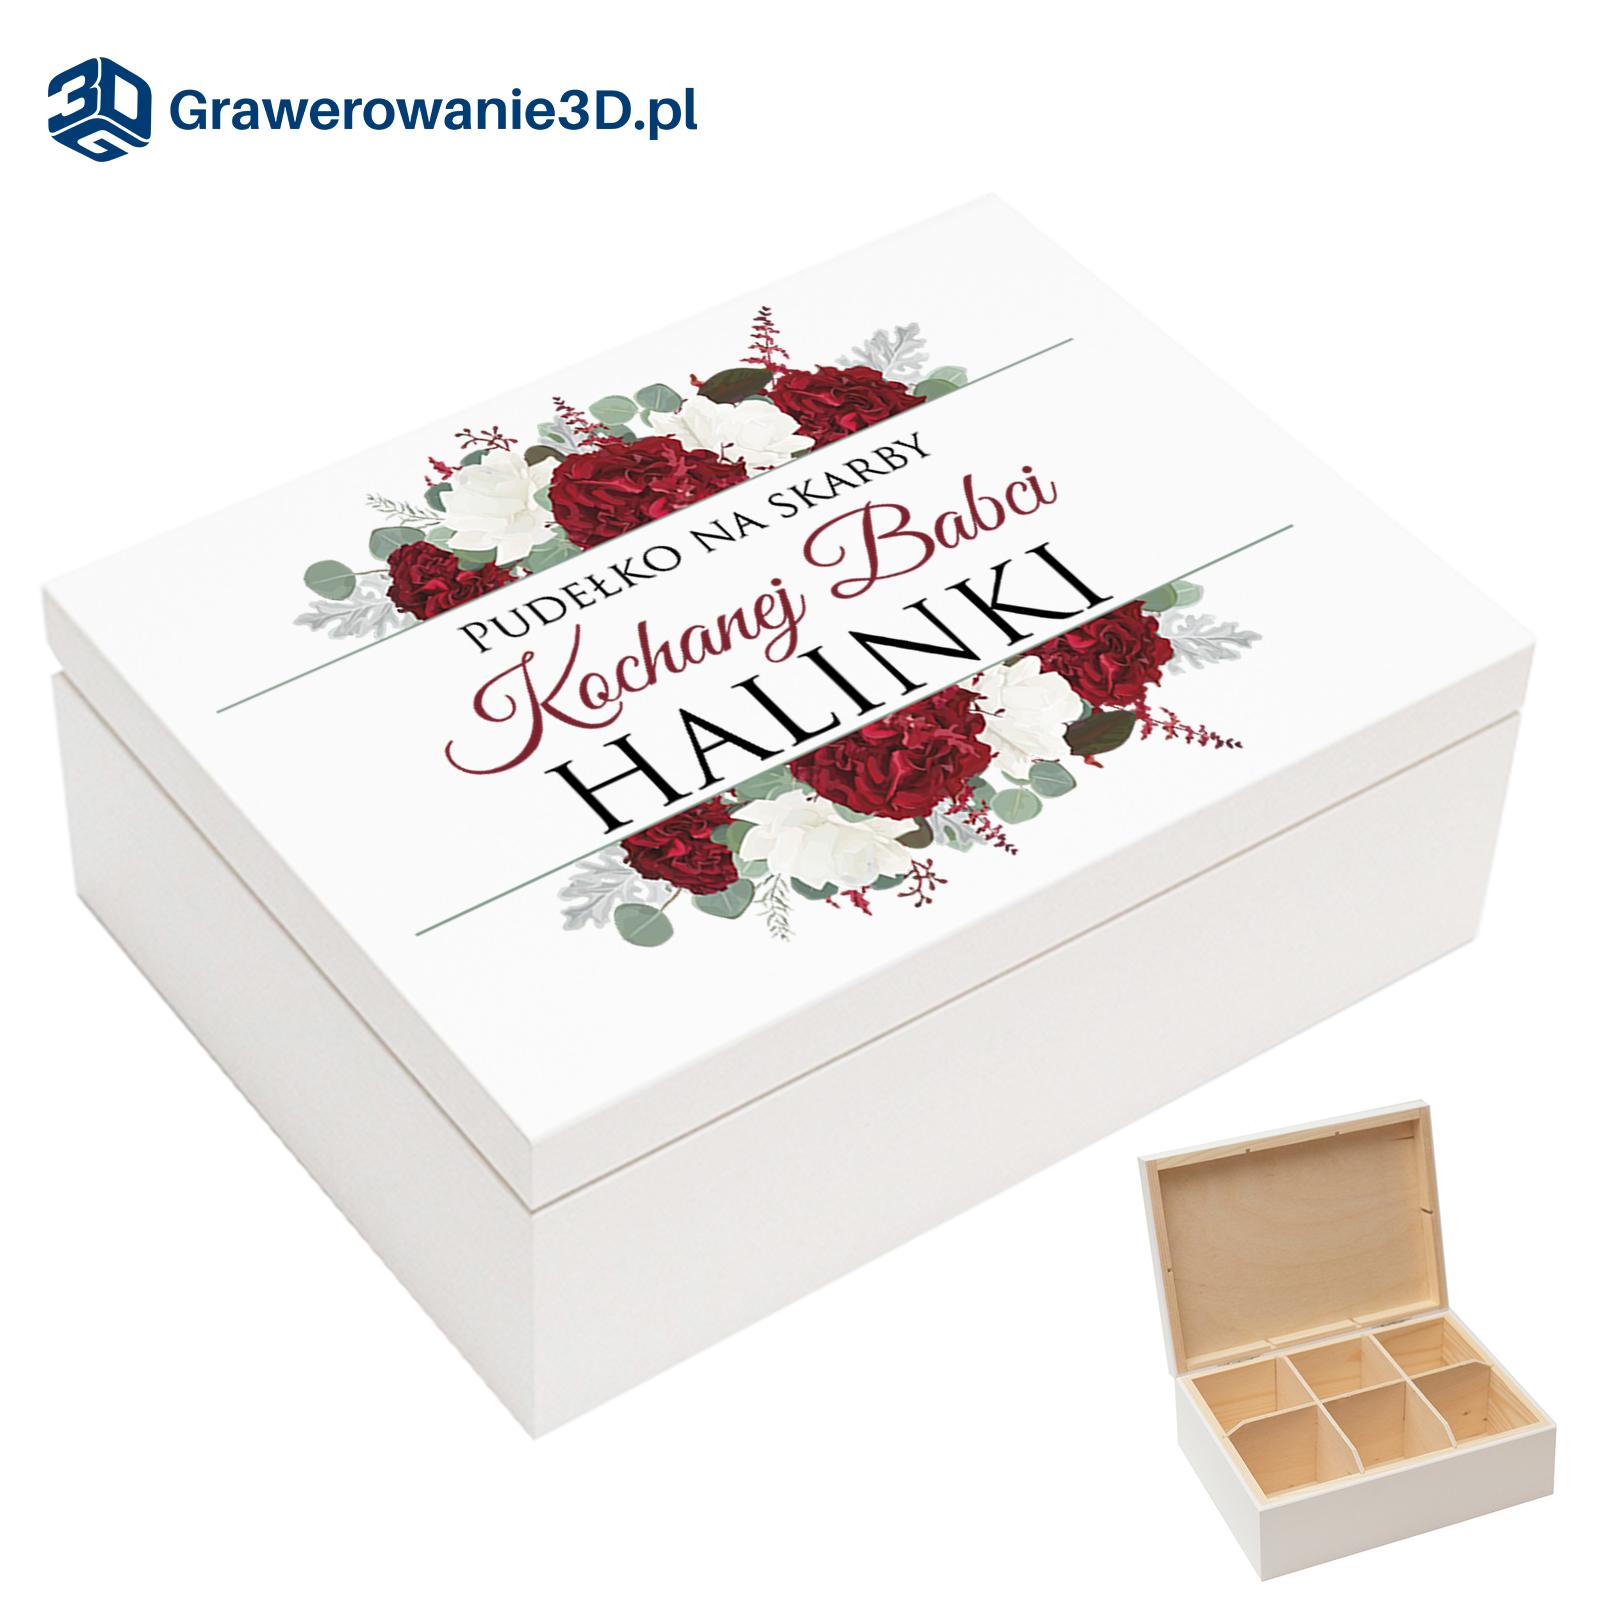 pudełko dla kochanej babci